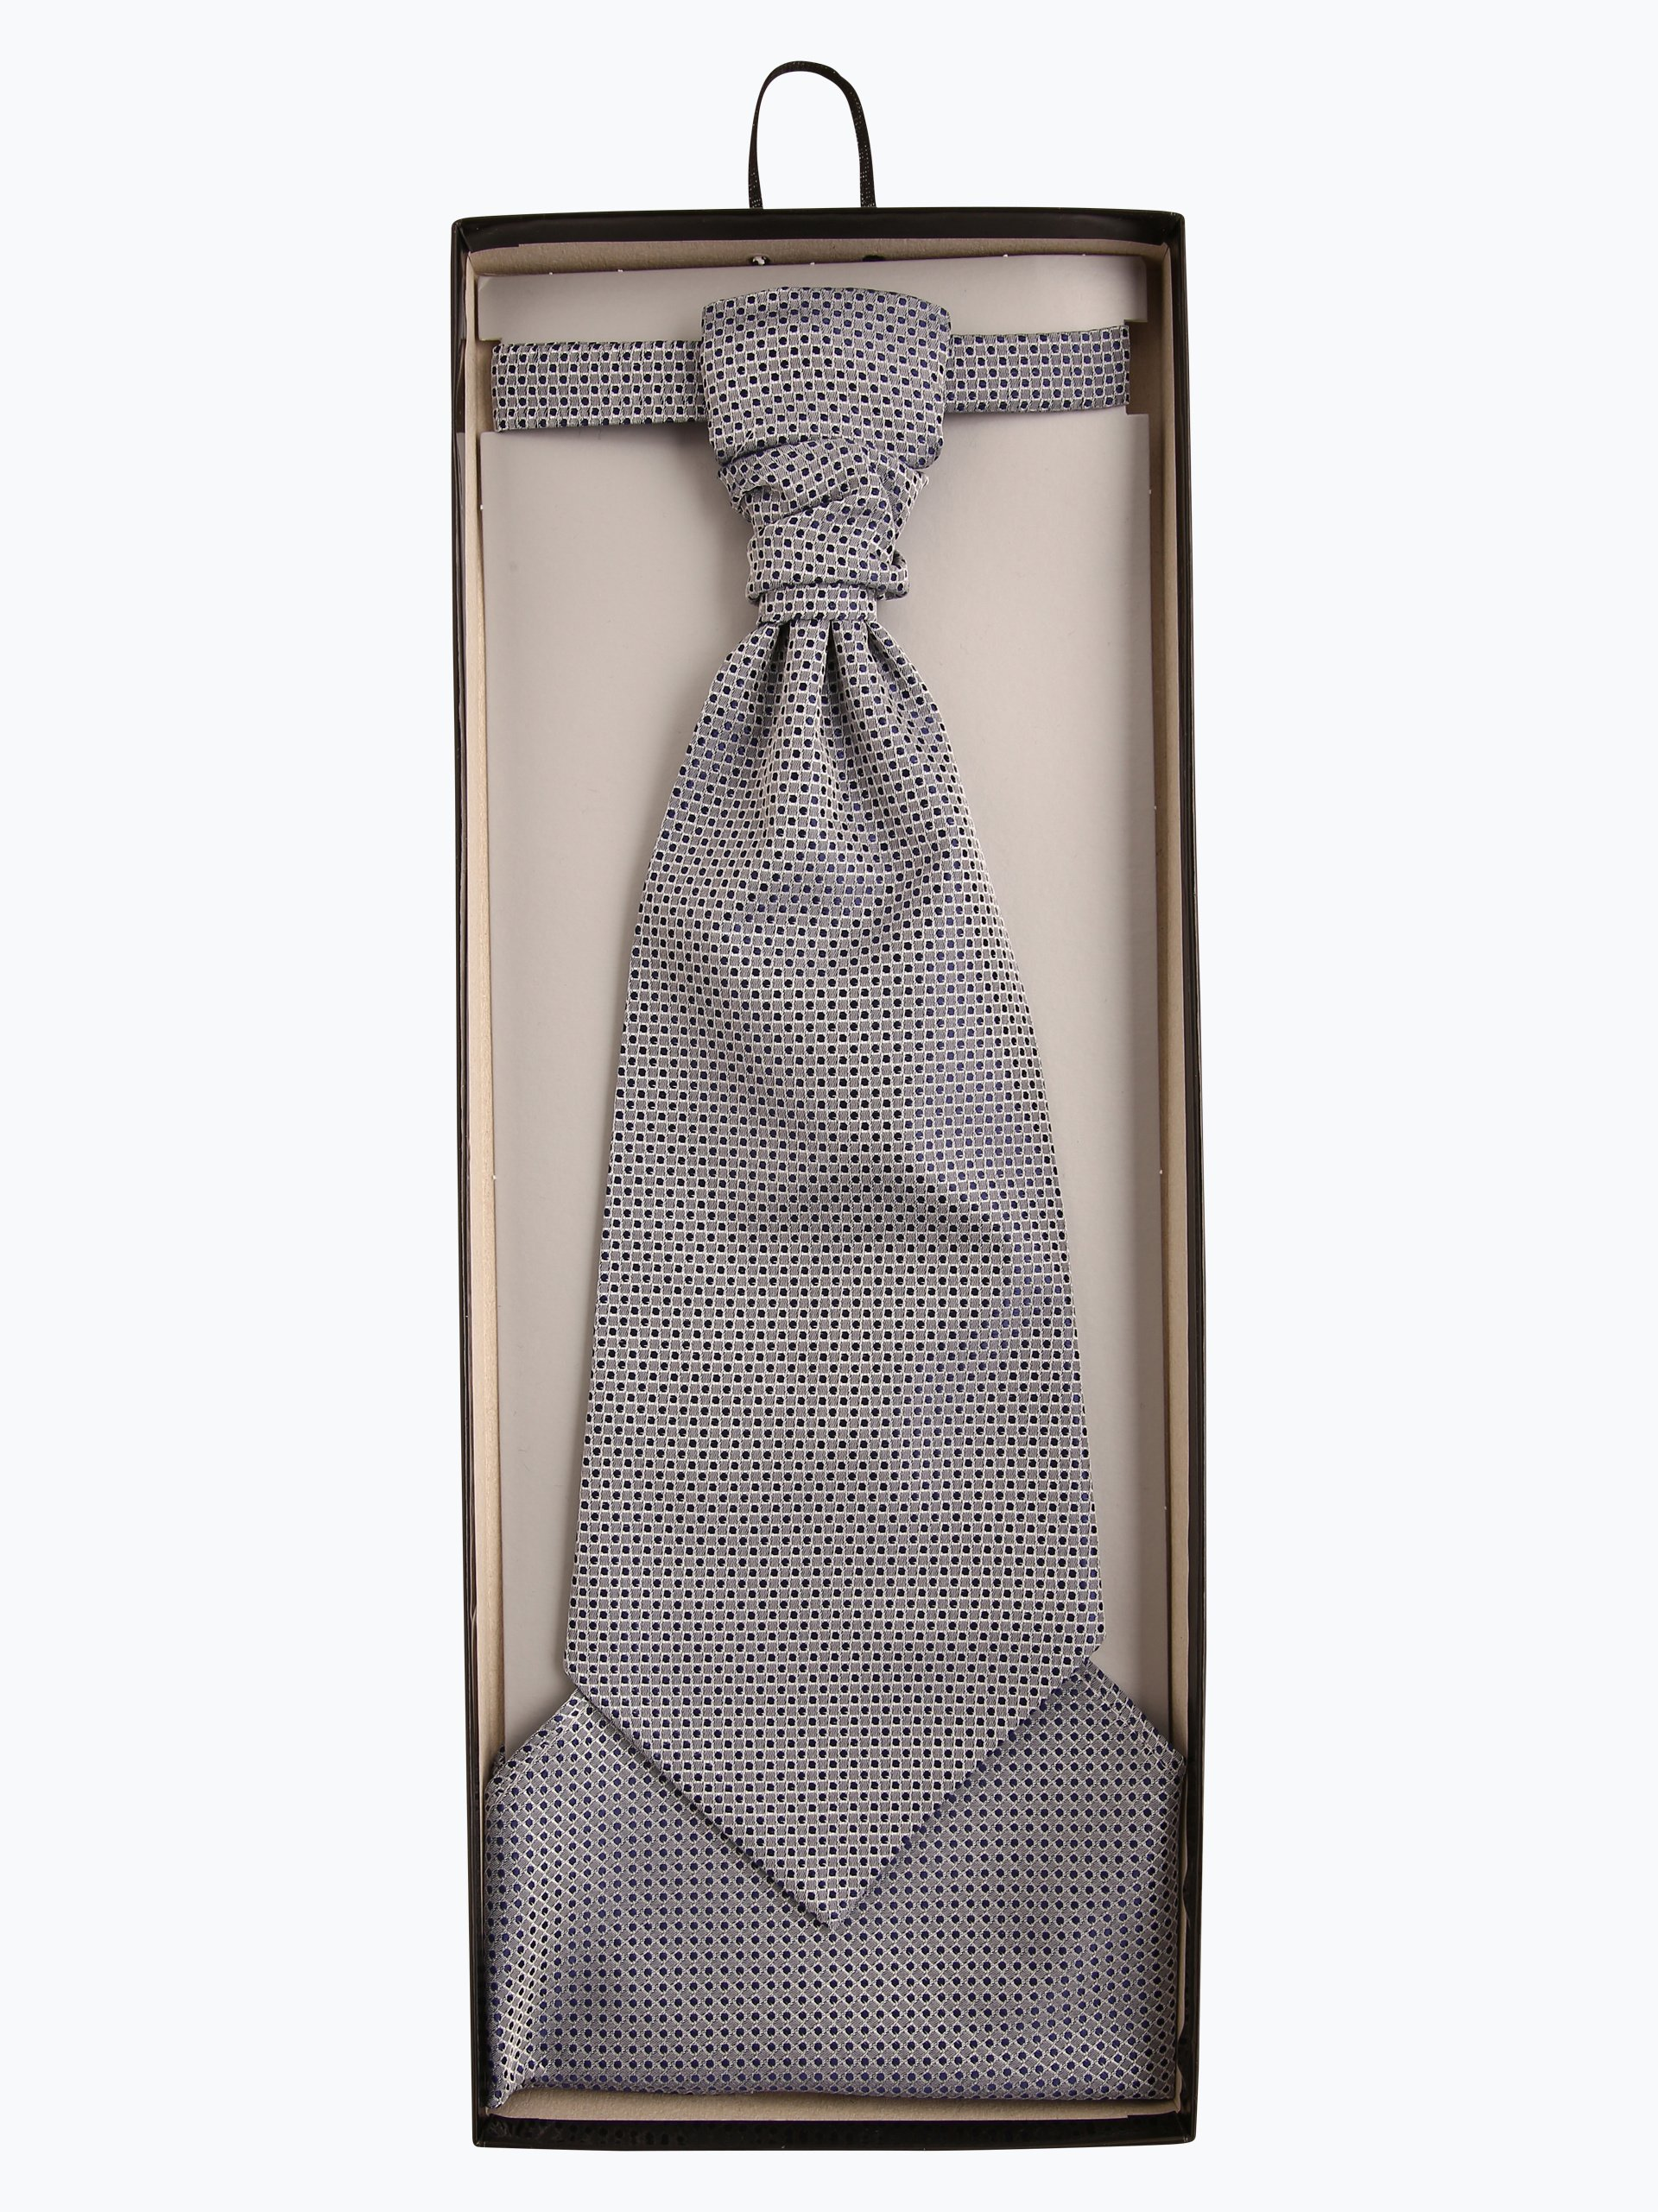 wilvorst herren krawatte und einstecktuch blau grau uni online kaufen peek und cloppenburg de. Black Bedroom Furniture Sets. Home Design Ideas